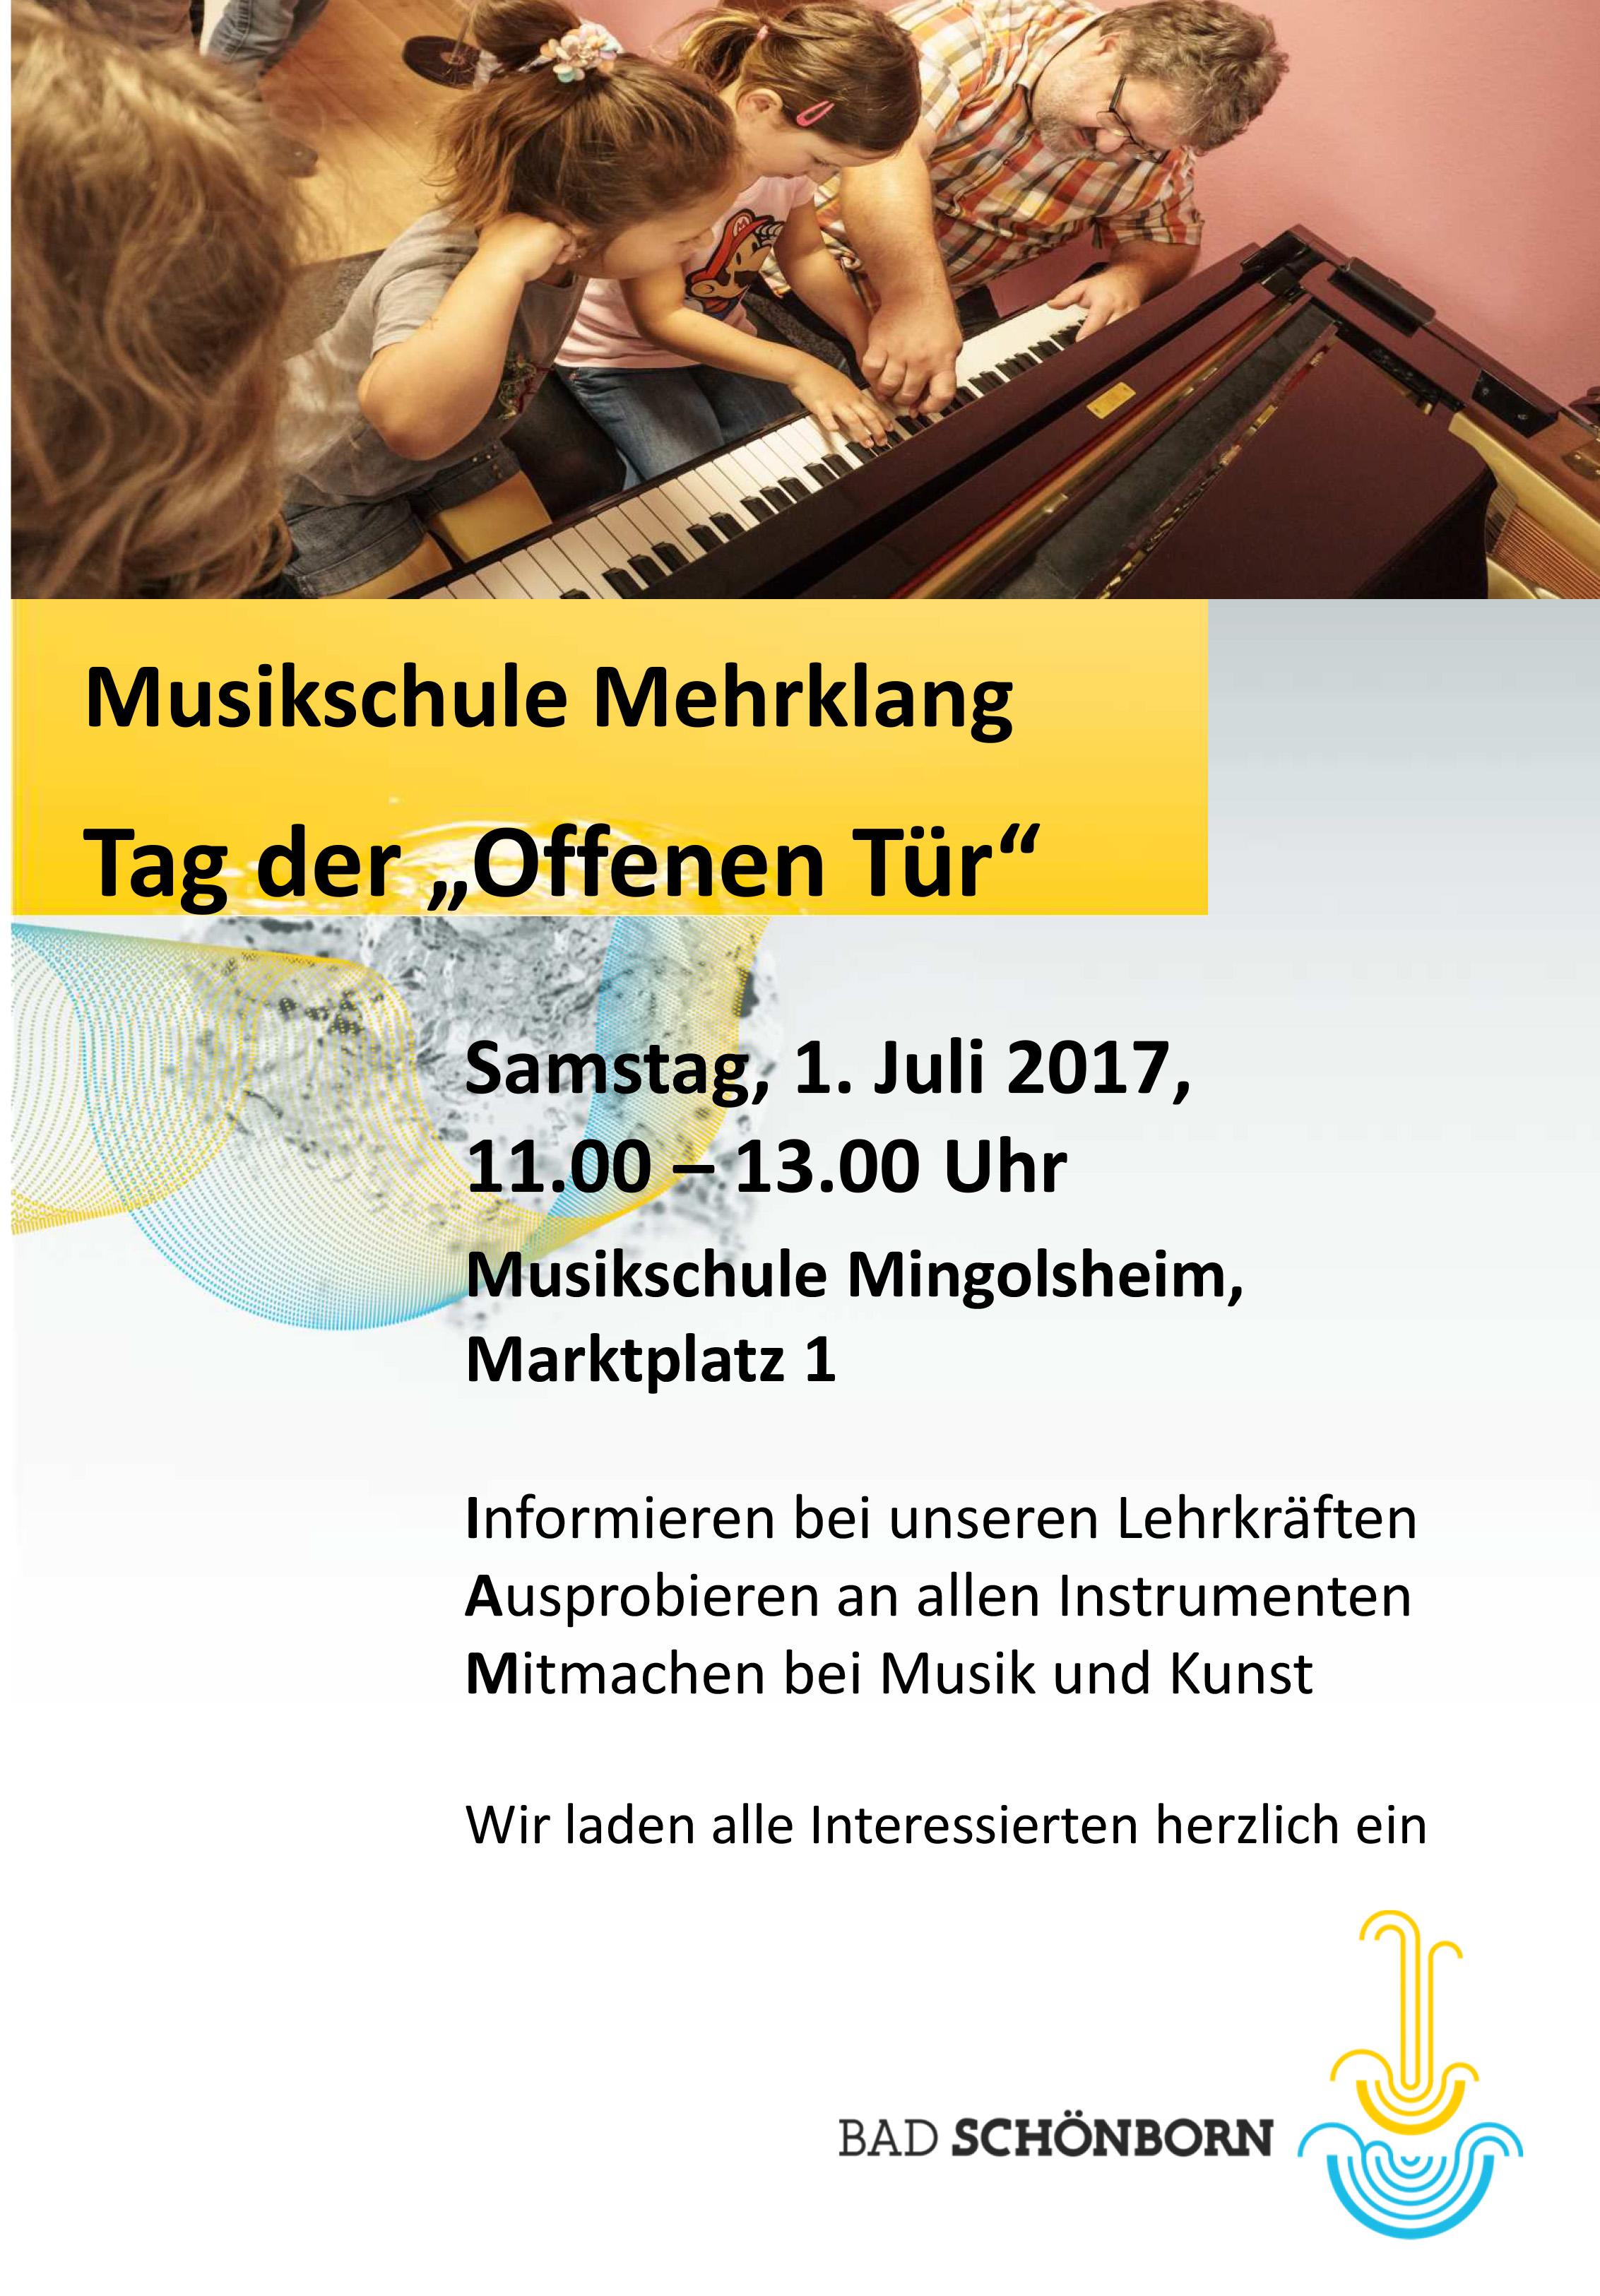 musikschule mehrklang bad-schönborn – herzliche einladung zum tag, Einladung